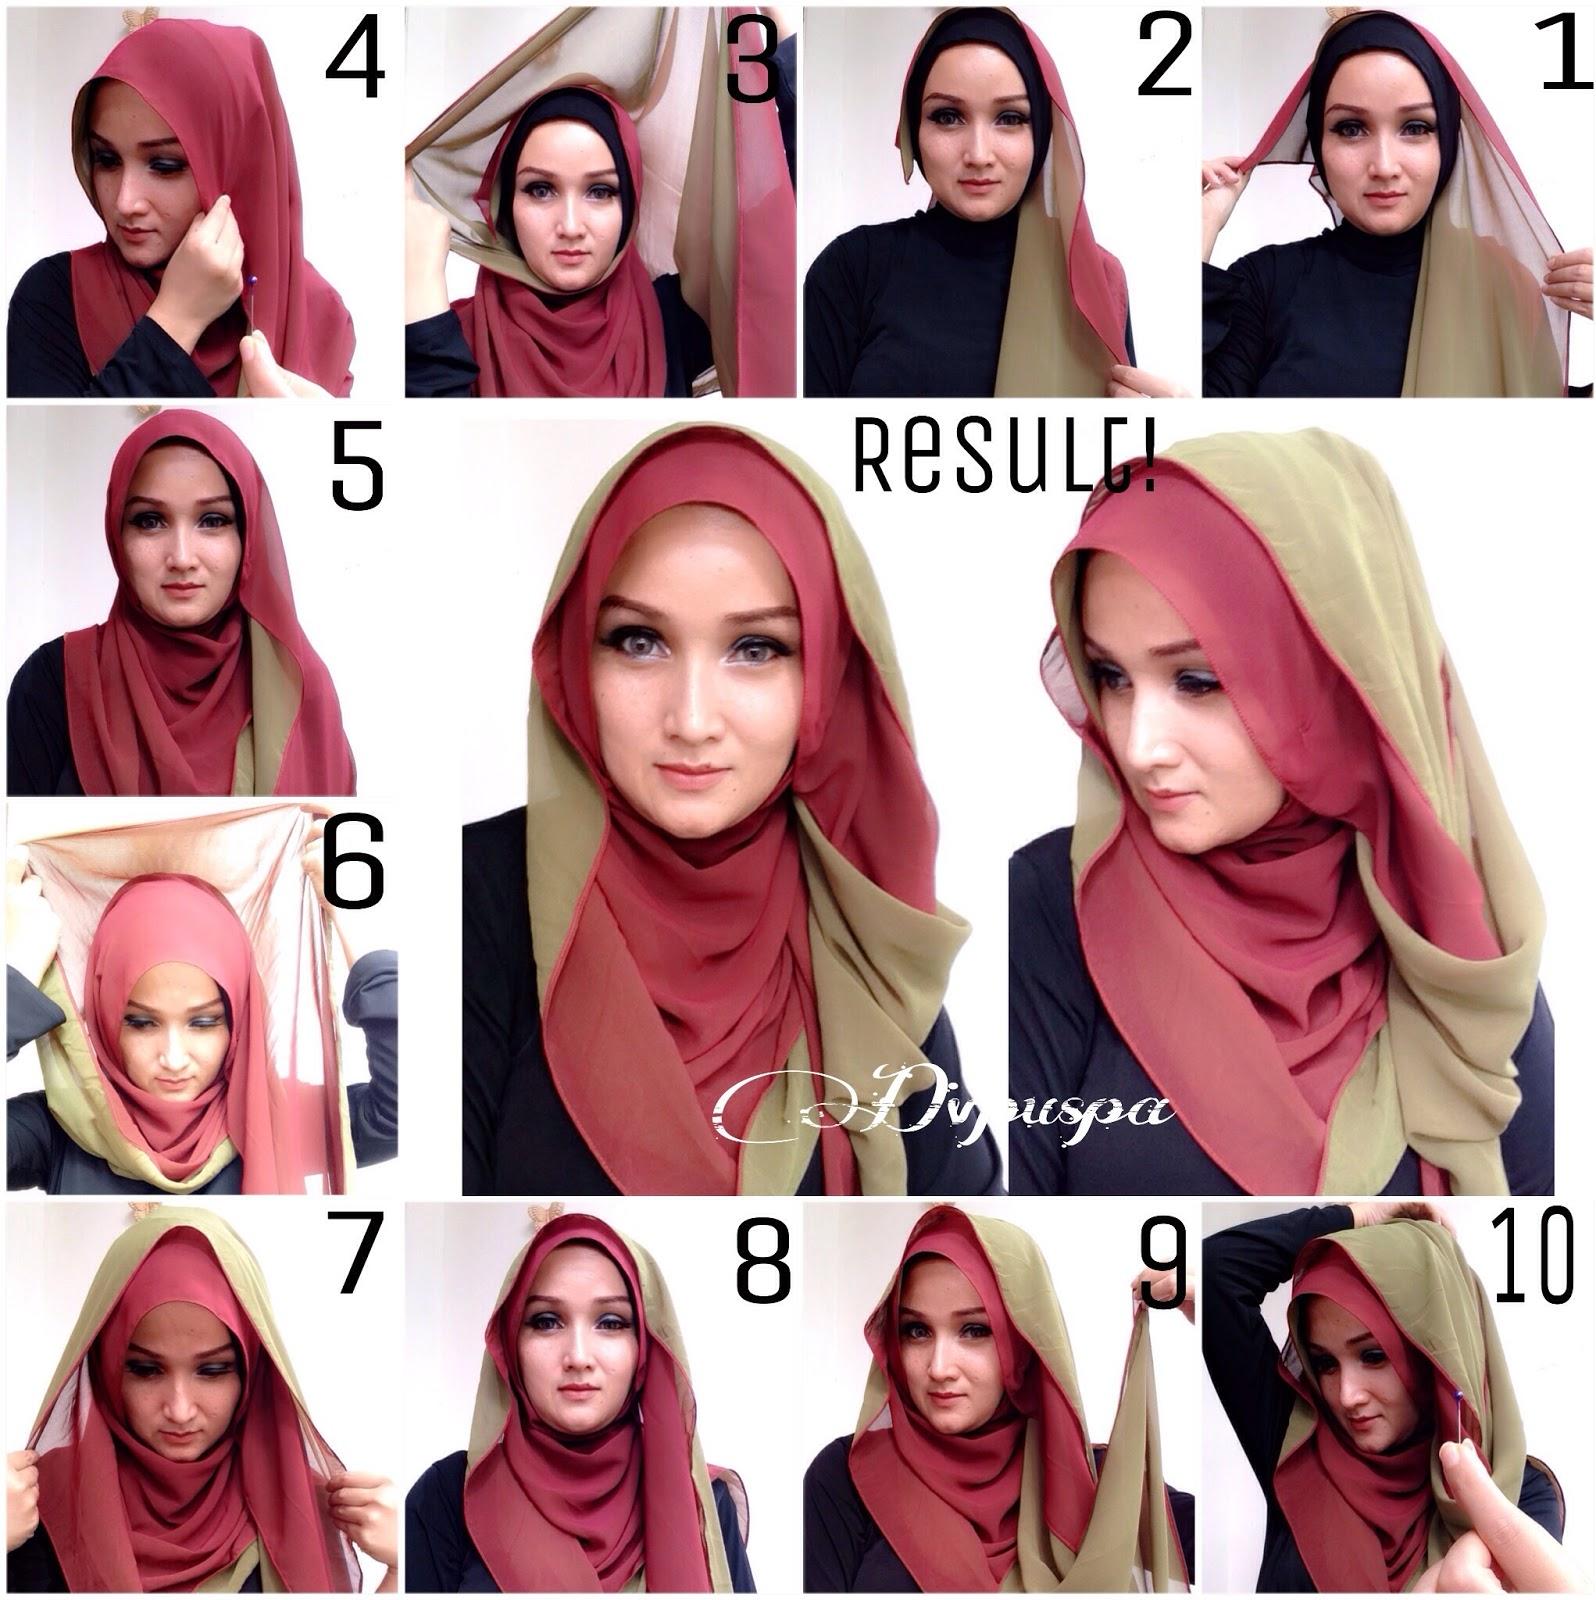 Как завязывать платок на голову по мусульмански фото пошагово